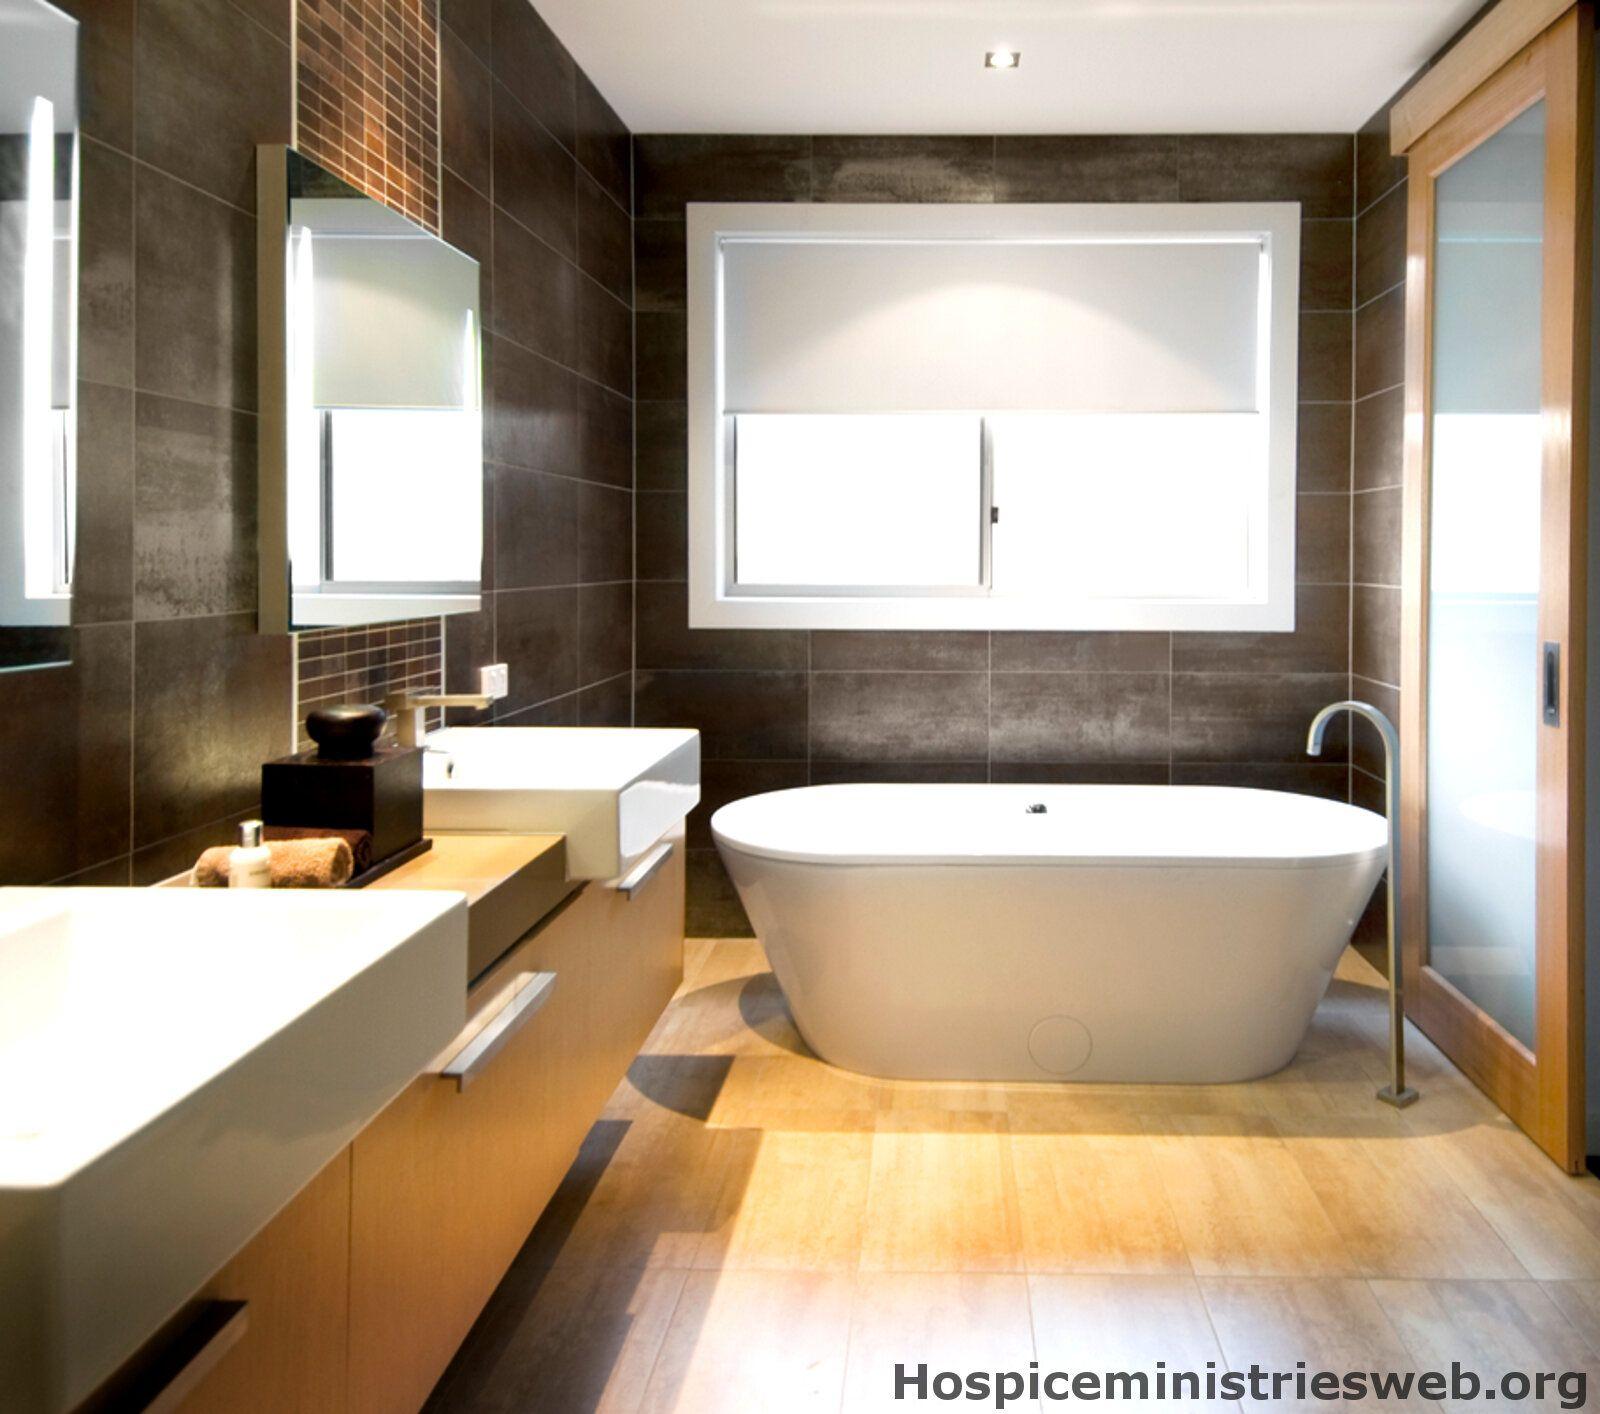 35 Ideen Fur Badezimmer Braun Beige Wohn Ideen Badezimmer Braun Badezimmer Innenausstattung Badezimmereinrichtung